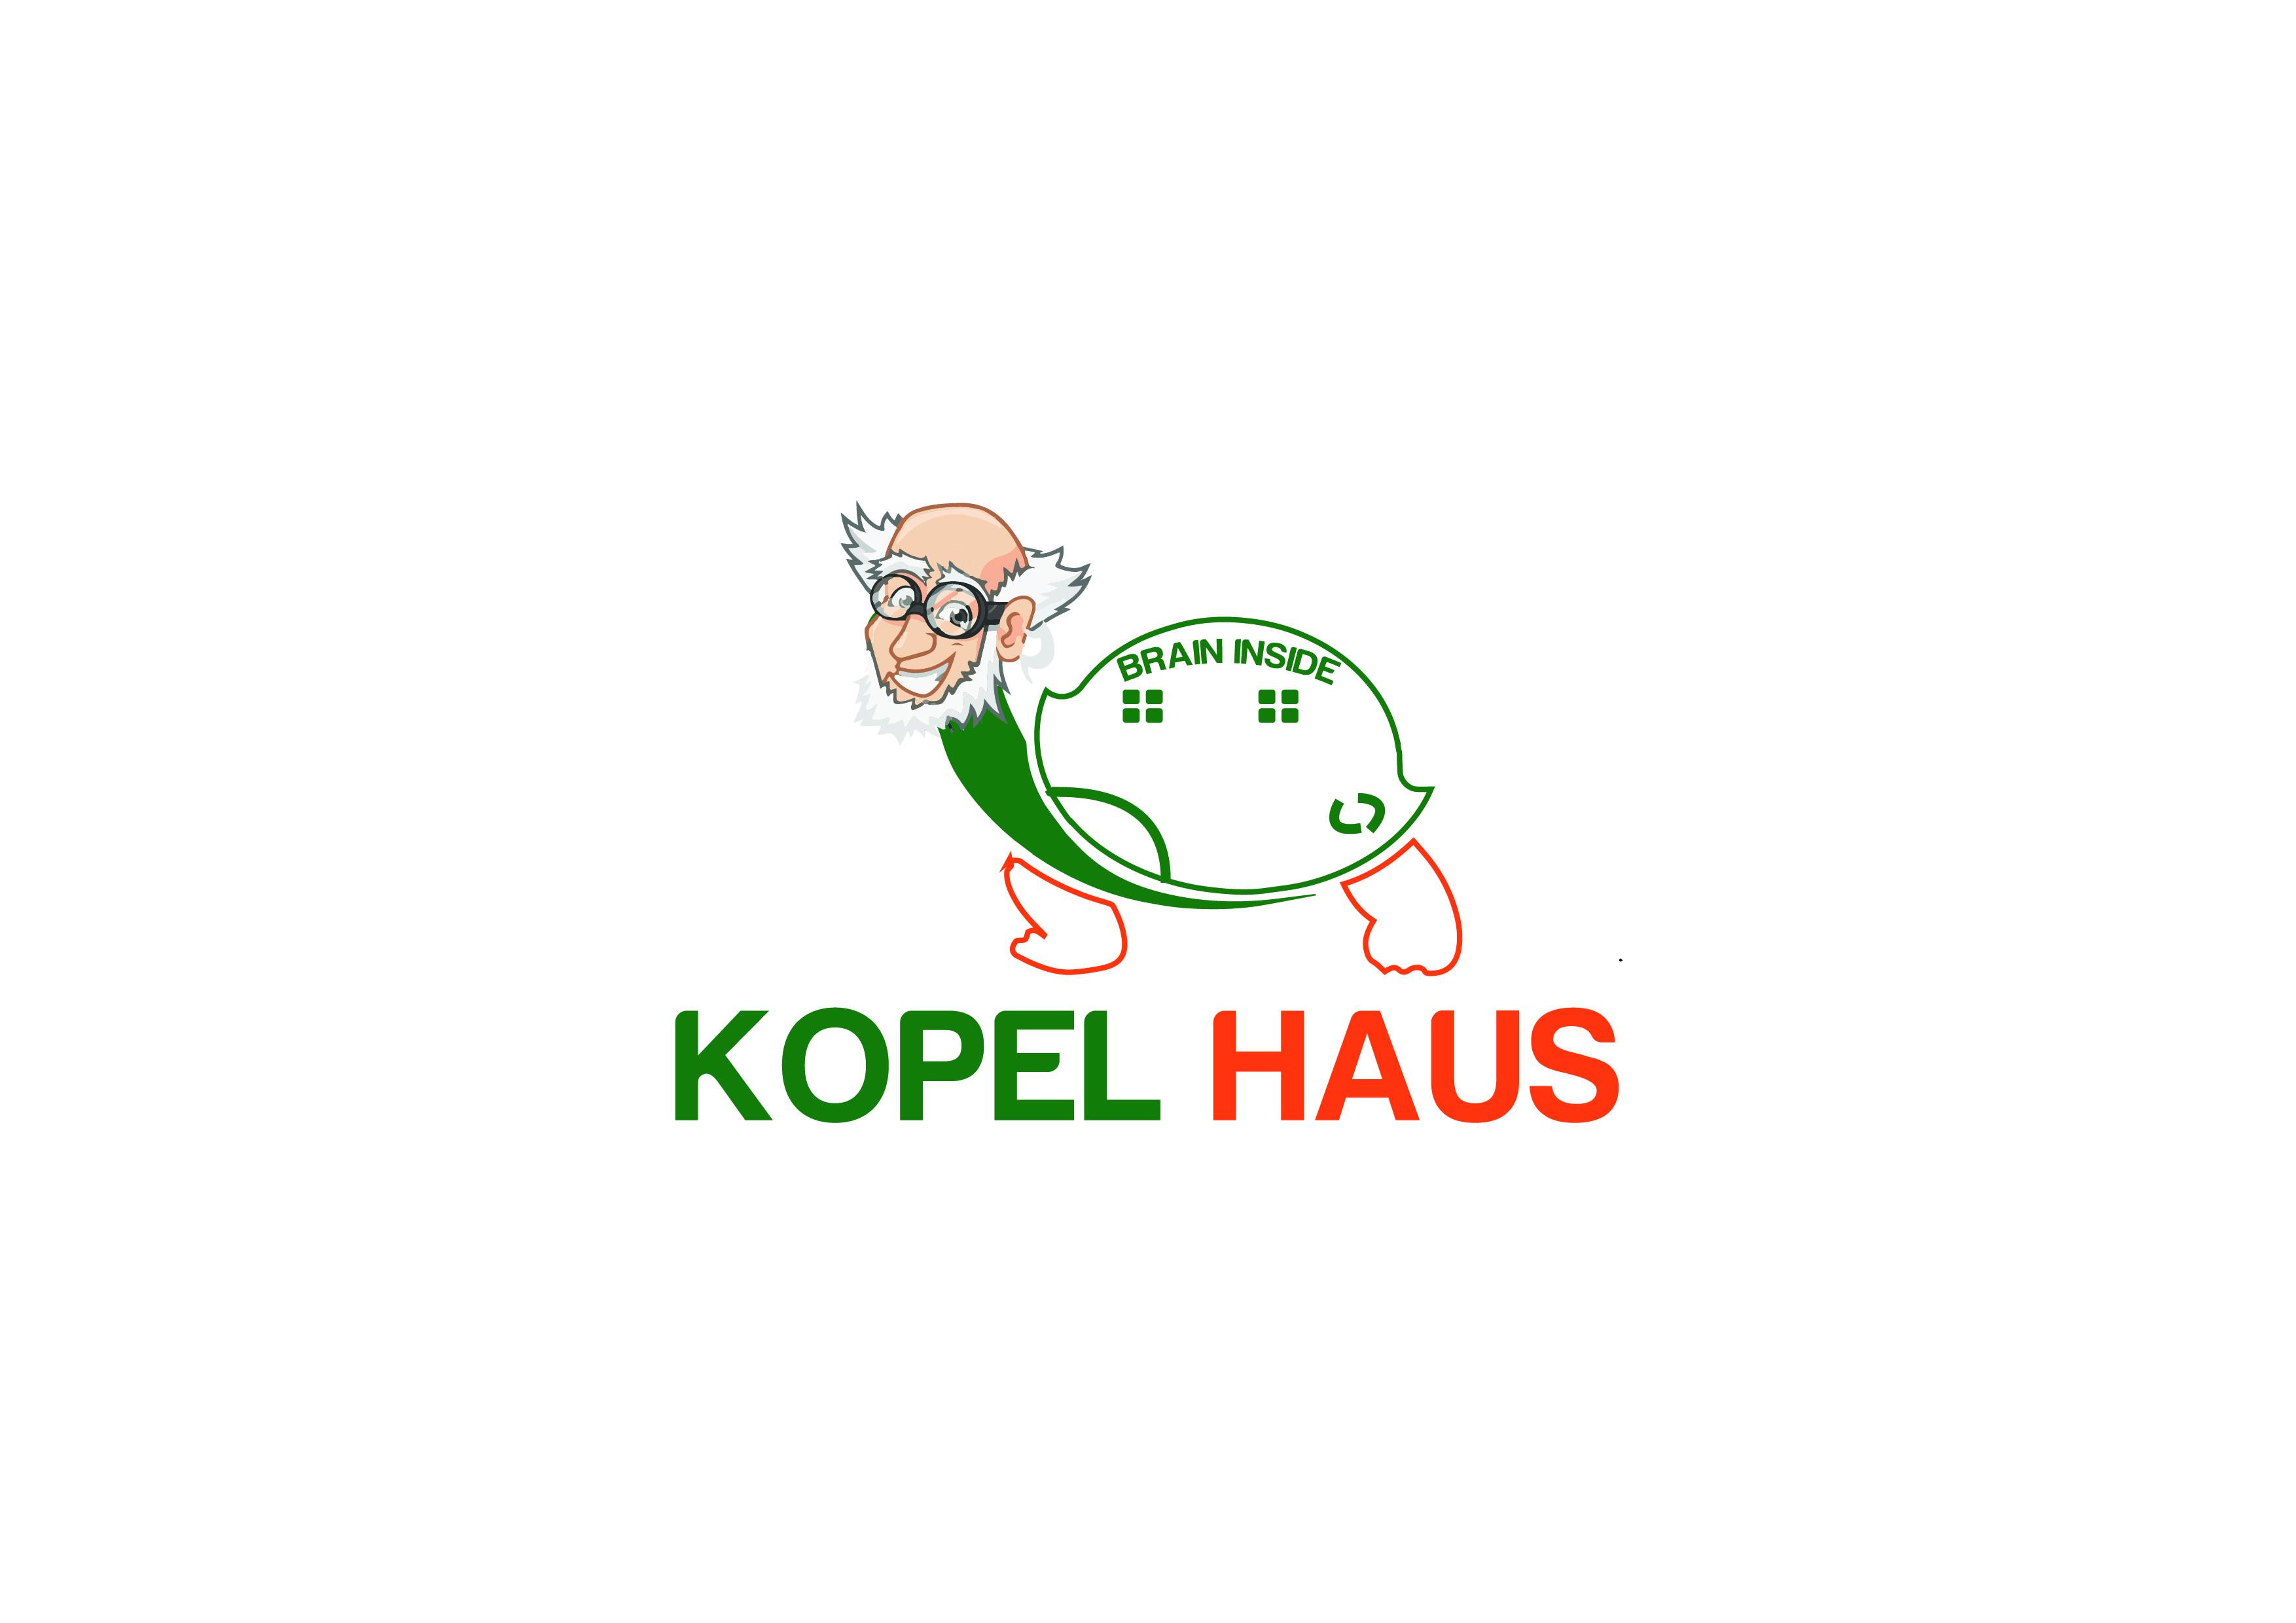 KOPEL_HAUSR501-1 (1)